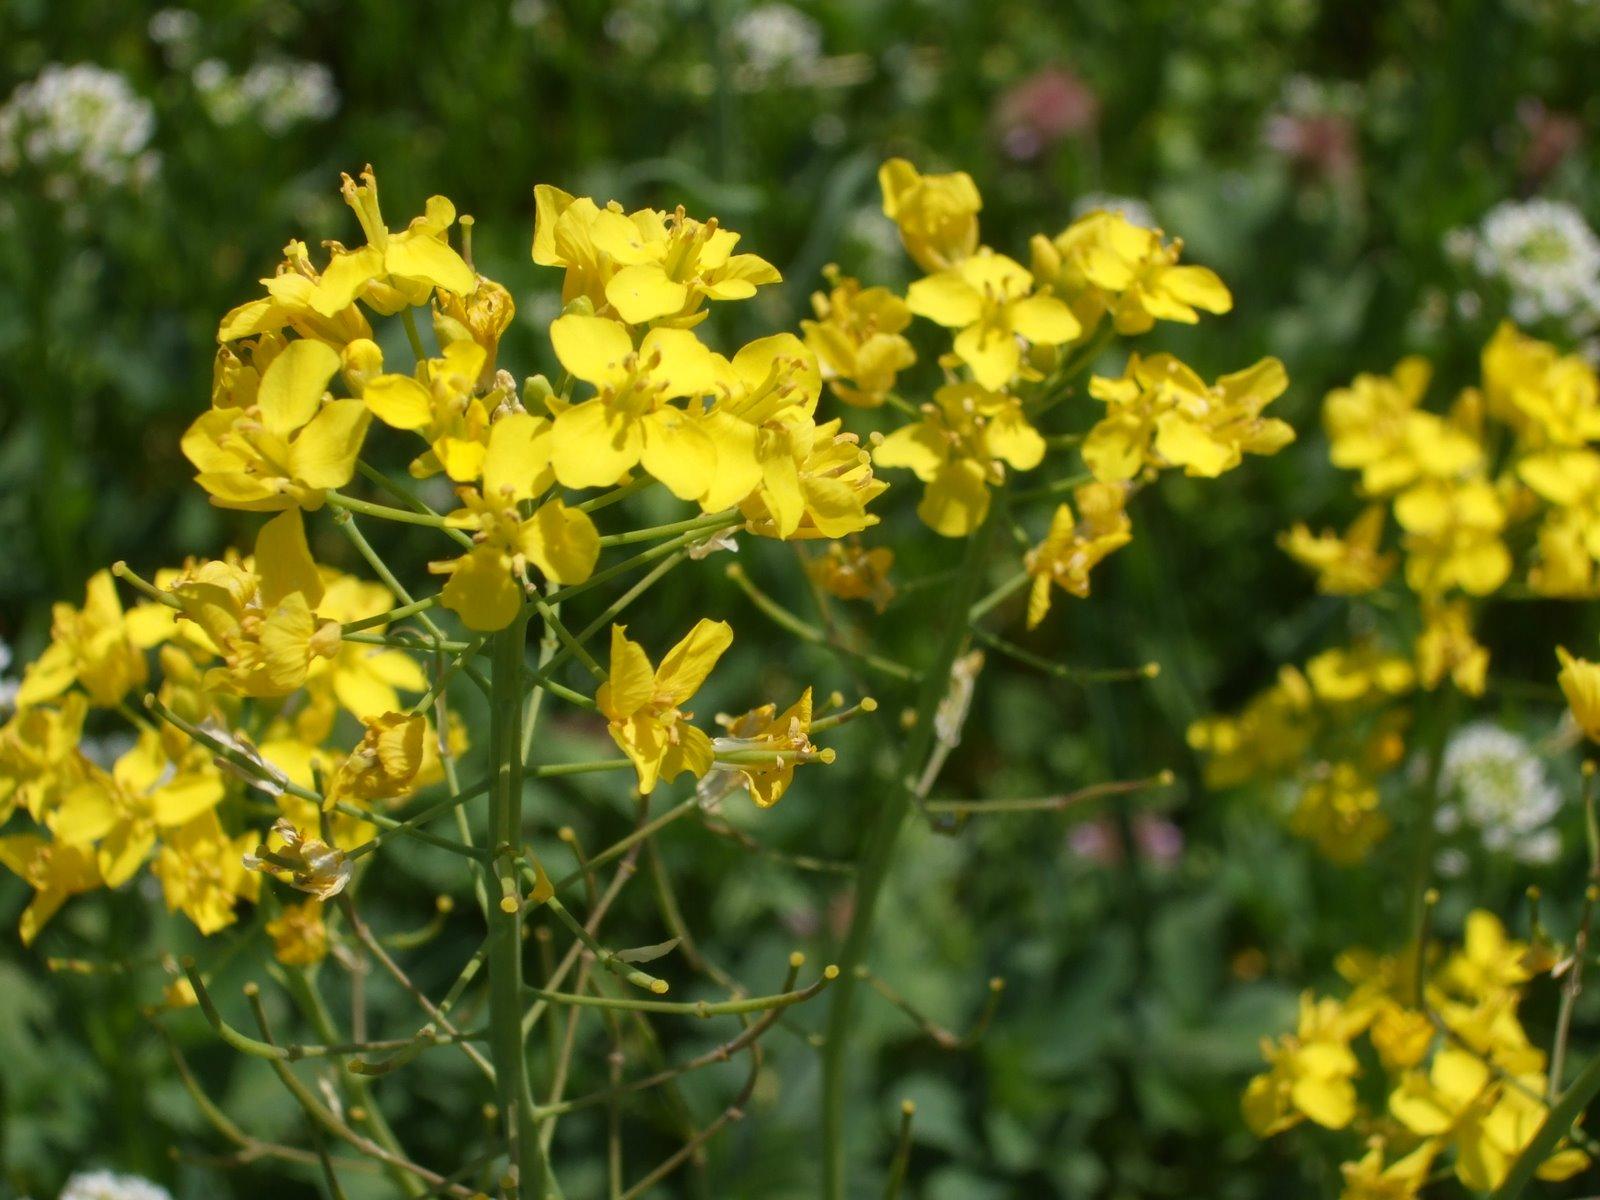 Rosemary's Sampler: Mustard Fields